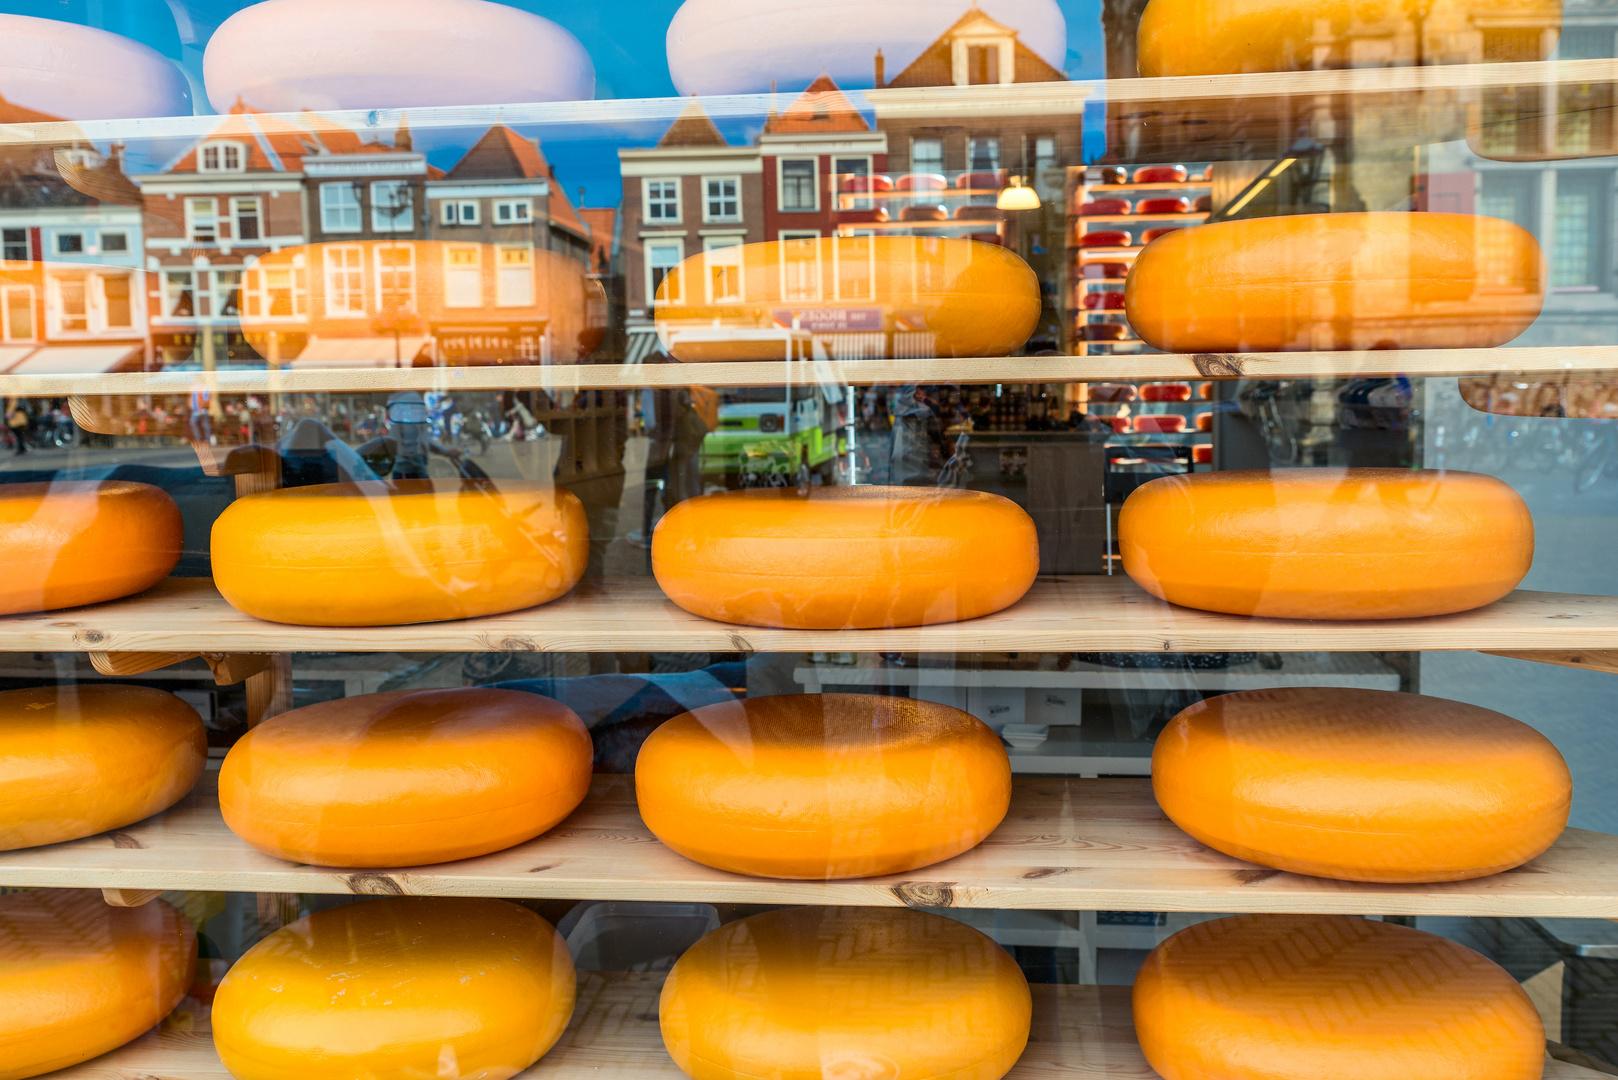 Das ist doch alles Käse...